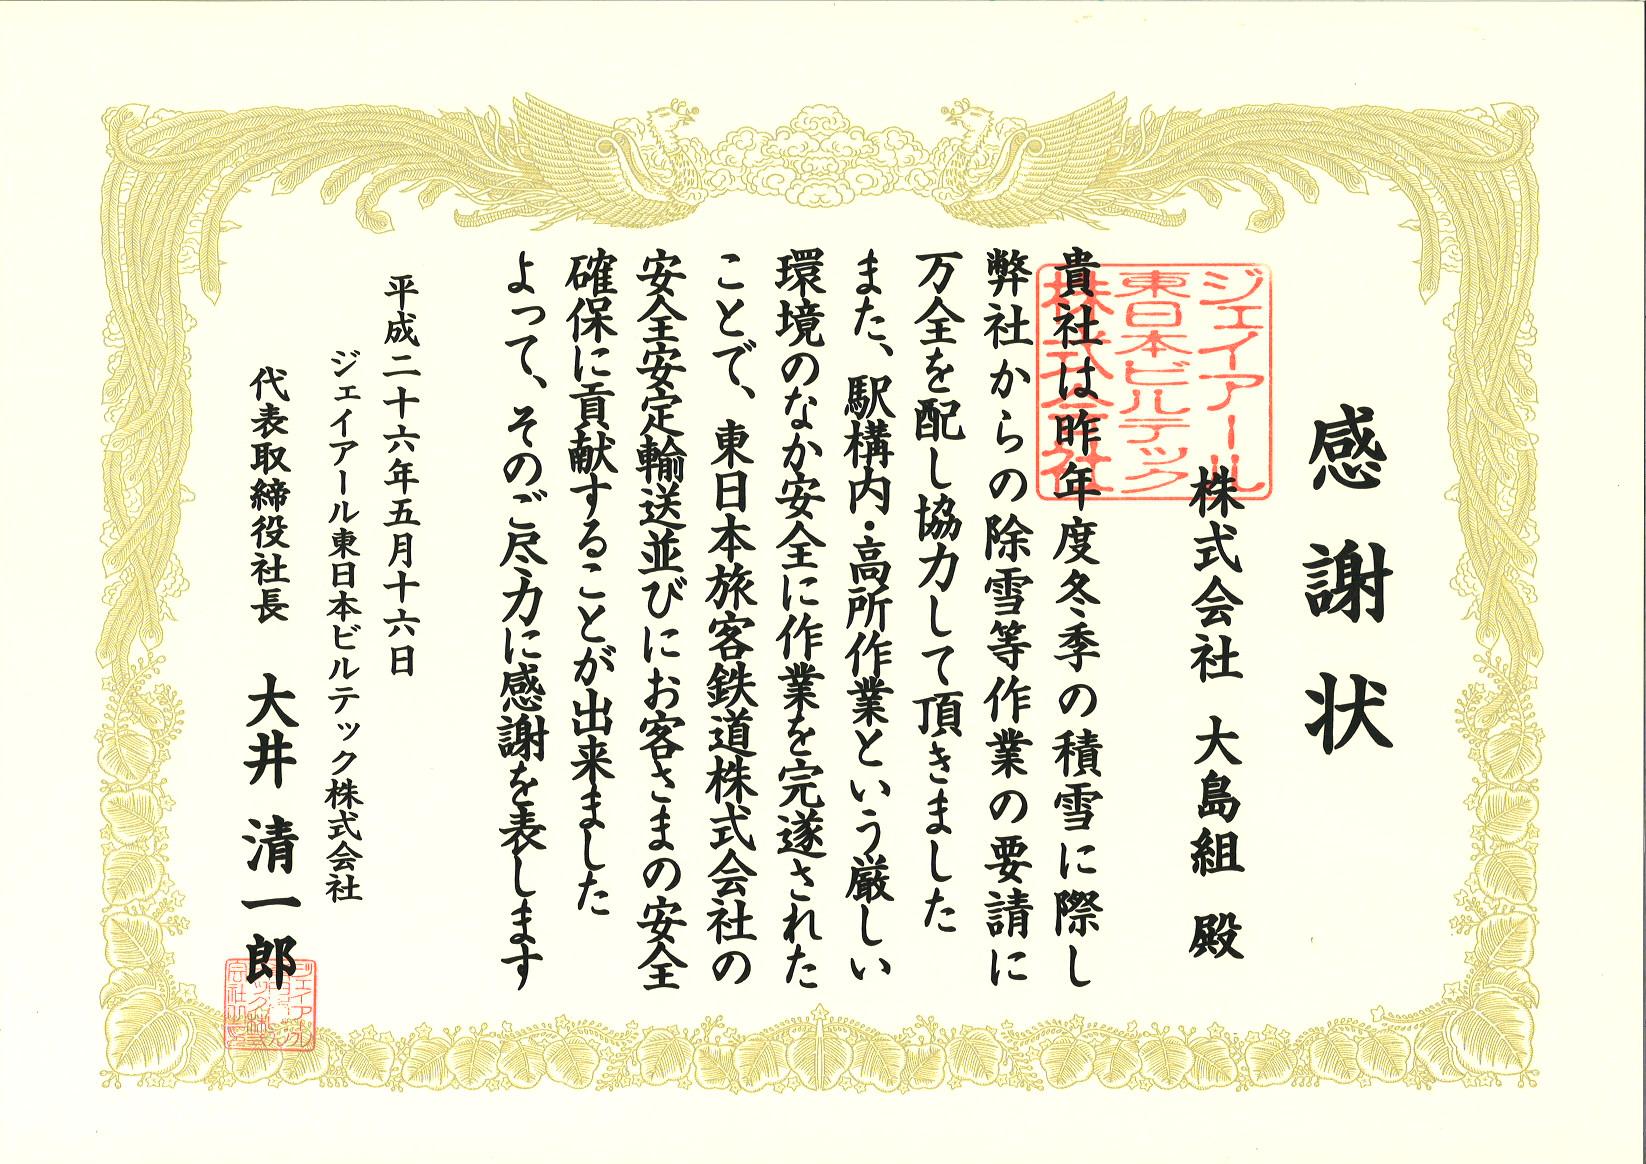 20140516161914_00001.jpg